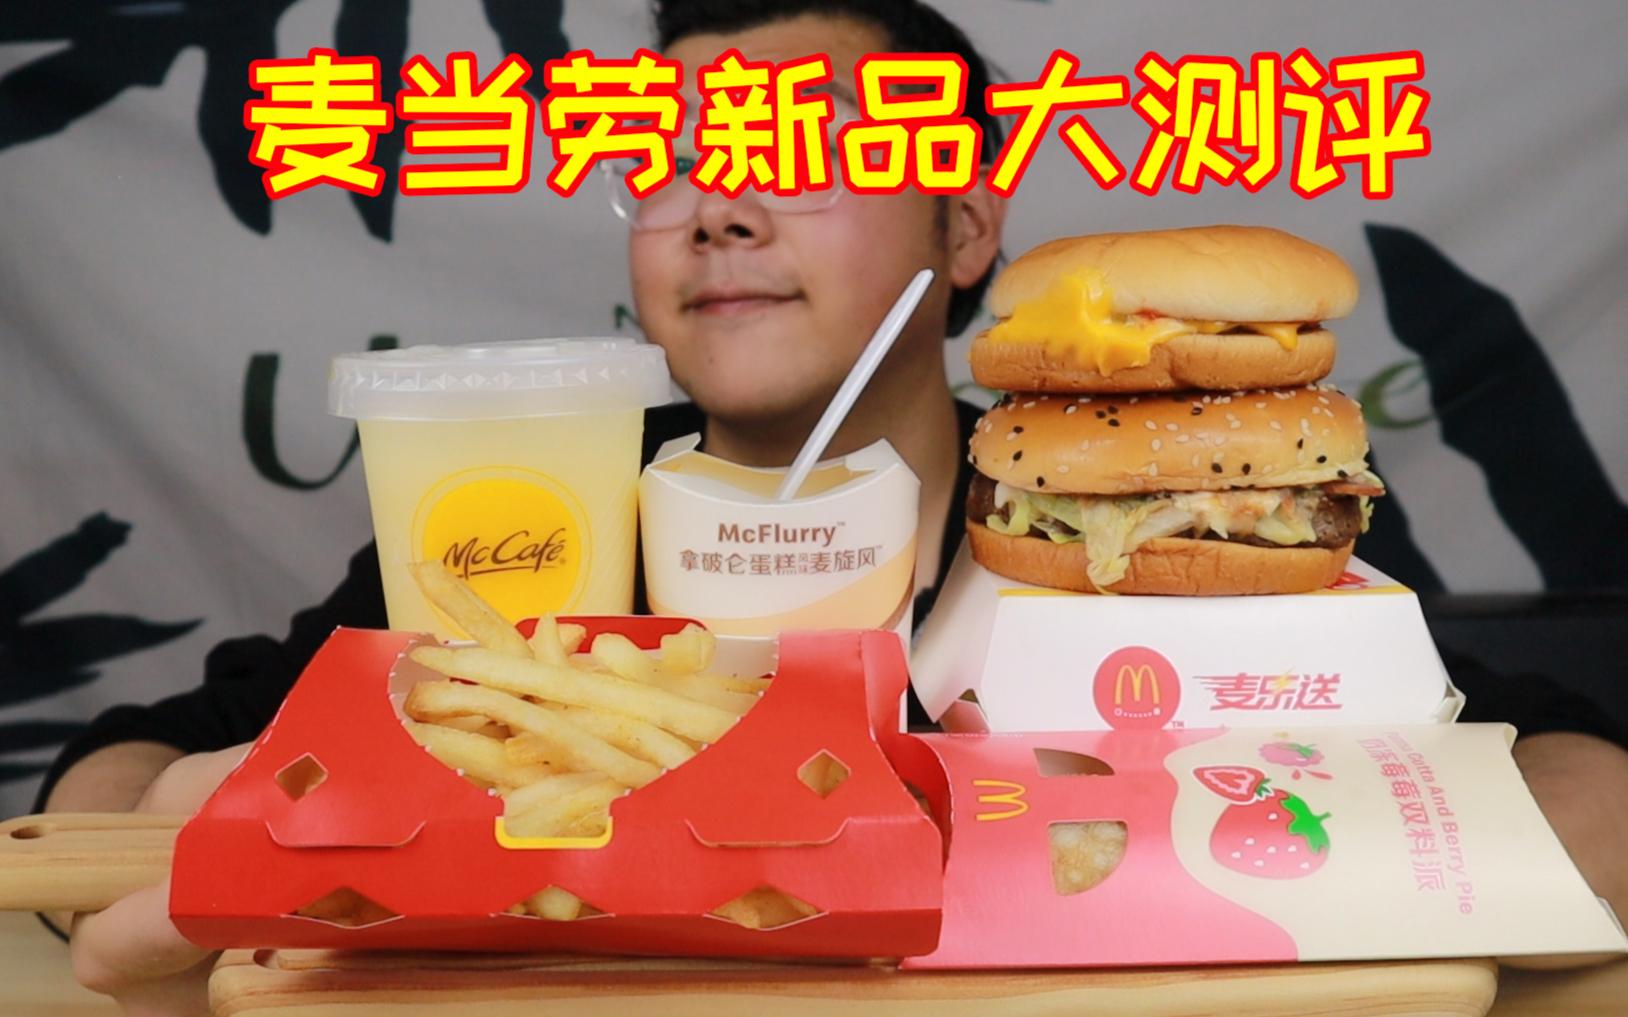 麦当劳新品测评!黑珍珠一钻餐厅主厨力荐的汉堡,味道如何?